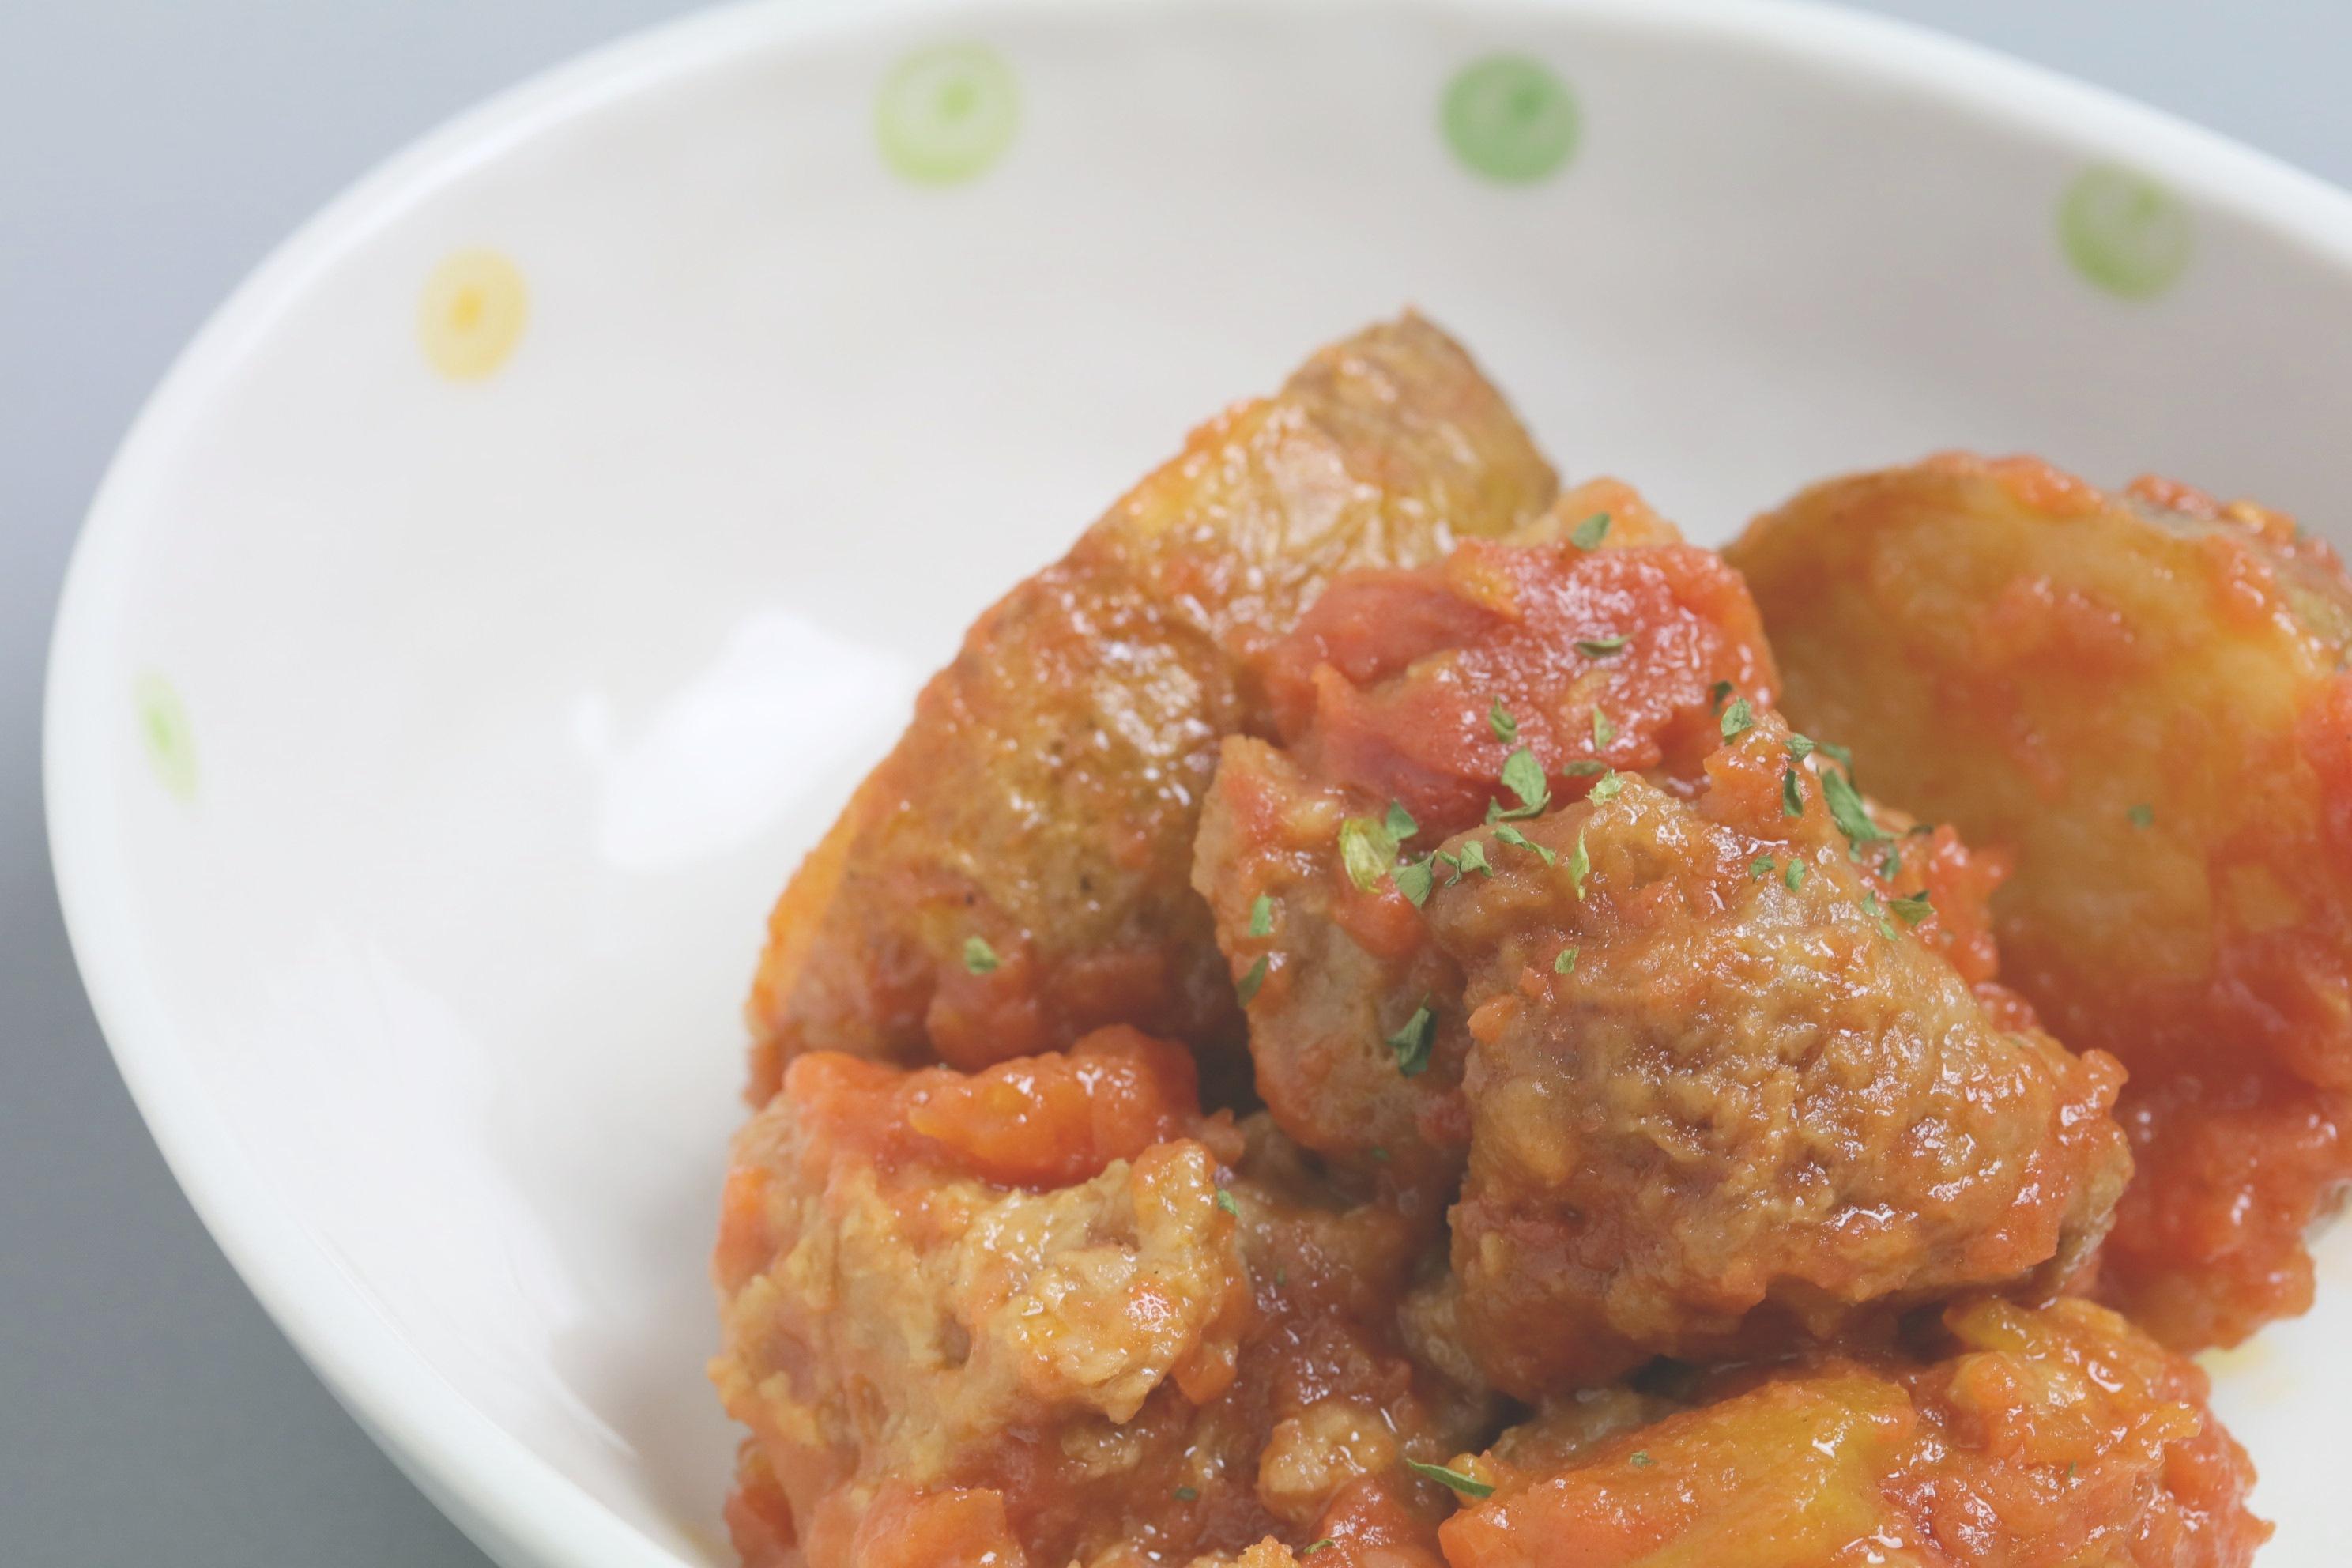 【ちびっこにも人気】大豆ミートと揚げじゃがいもの有機トマト煮